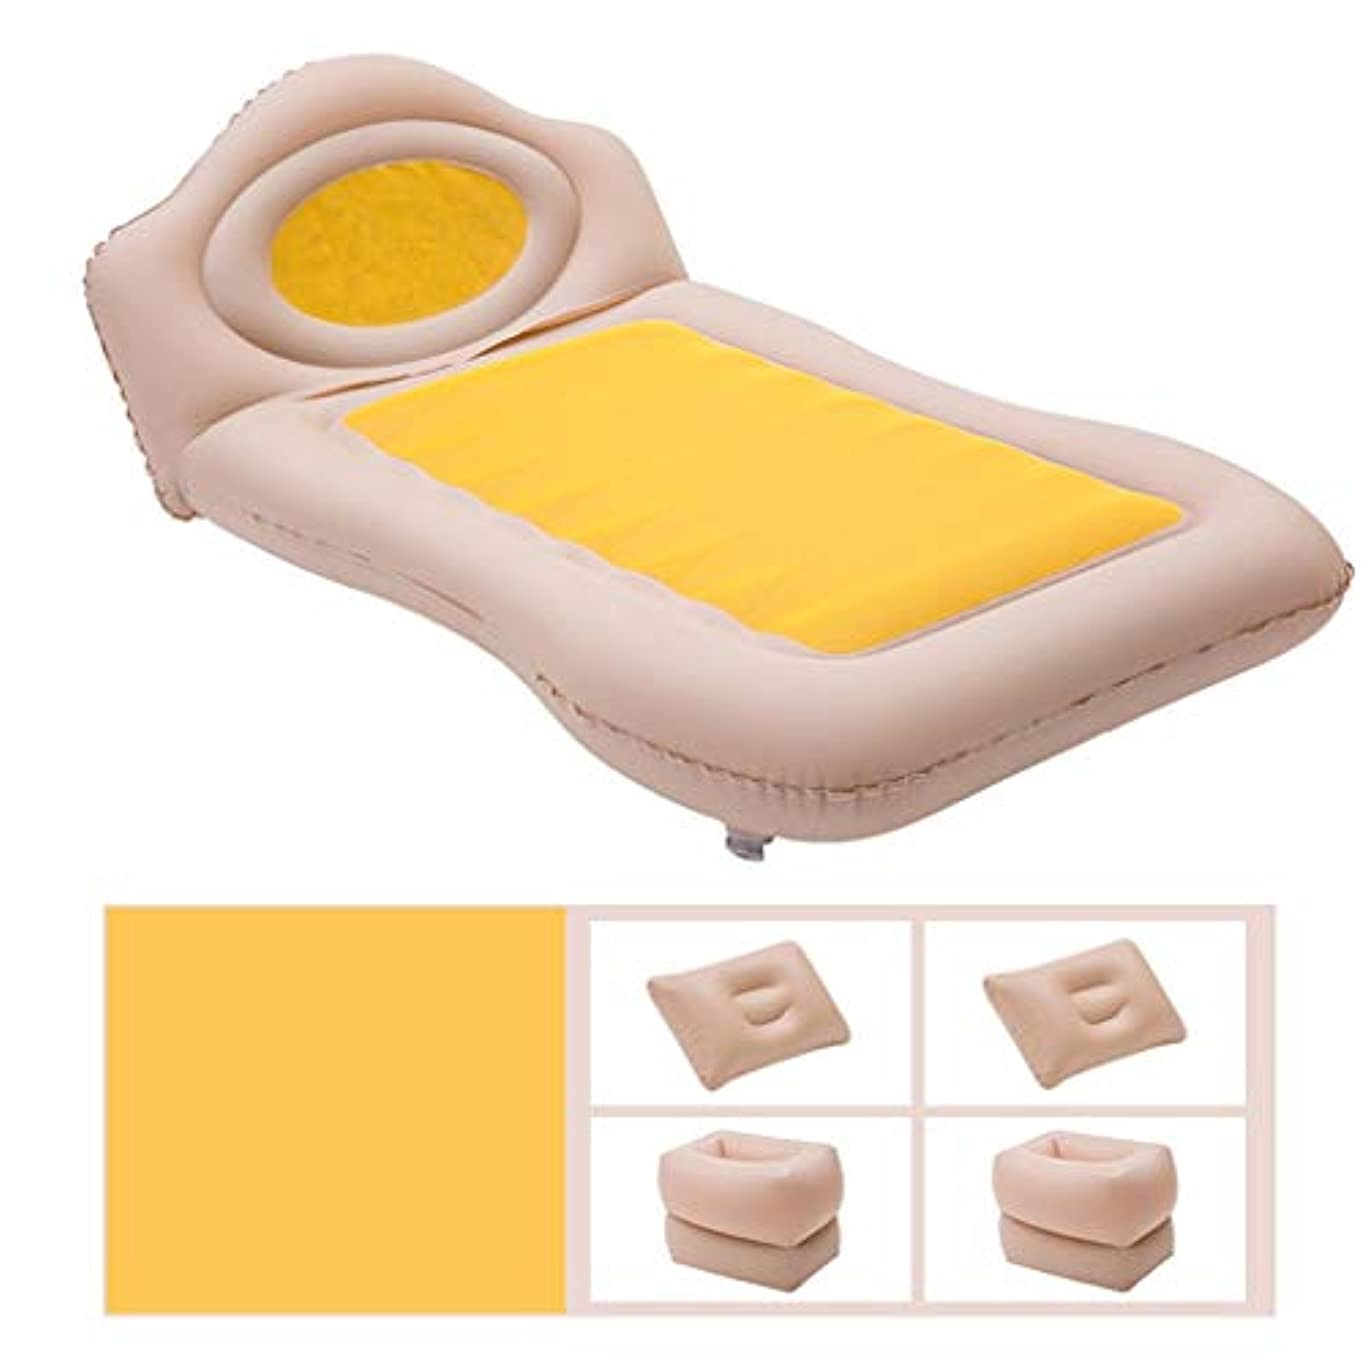 スクワイア算術満たすTXOZ 車の膨脹可能なベッド車の睡眠のマットレス車の膨脹可能なベッド車の後部座席の延長マットレス カーエアーベッド (Color : Yellow)